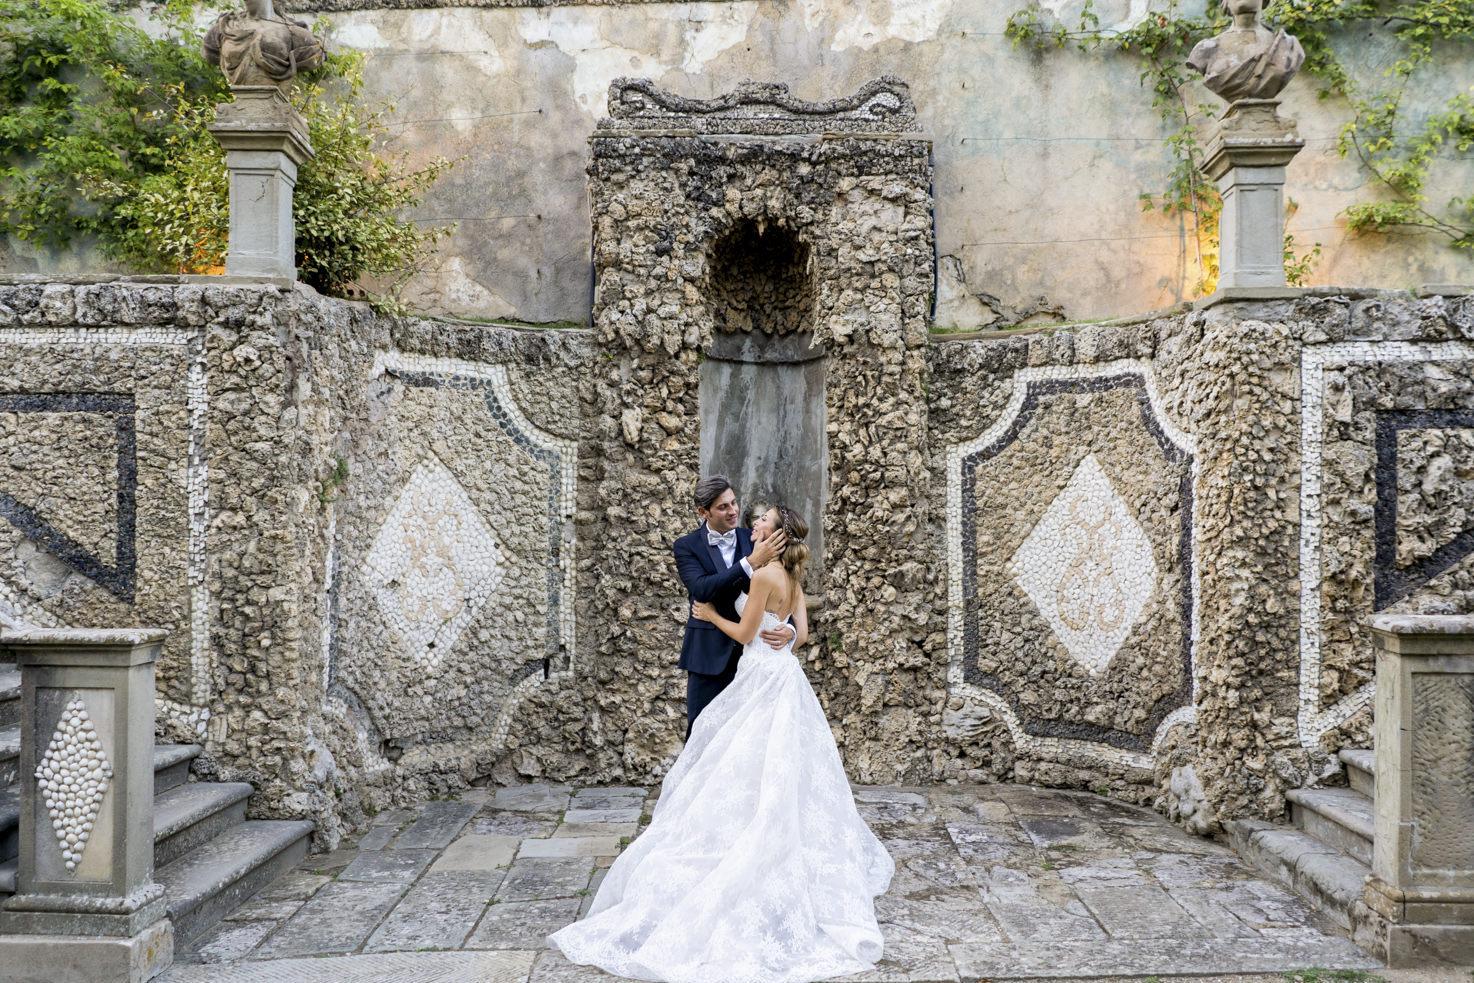 Bridal couple at Villa Gamberaia